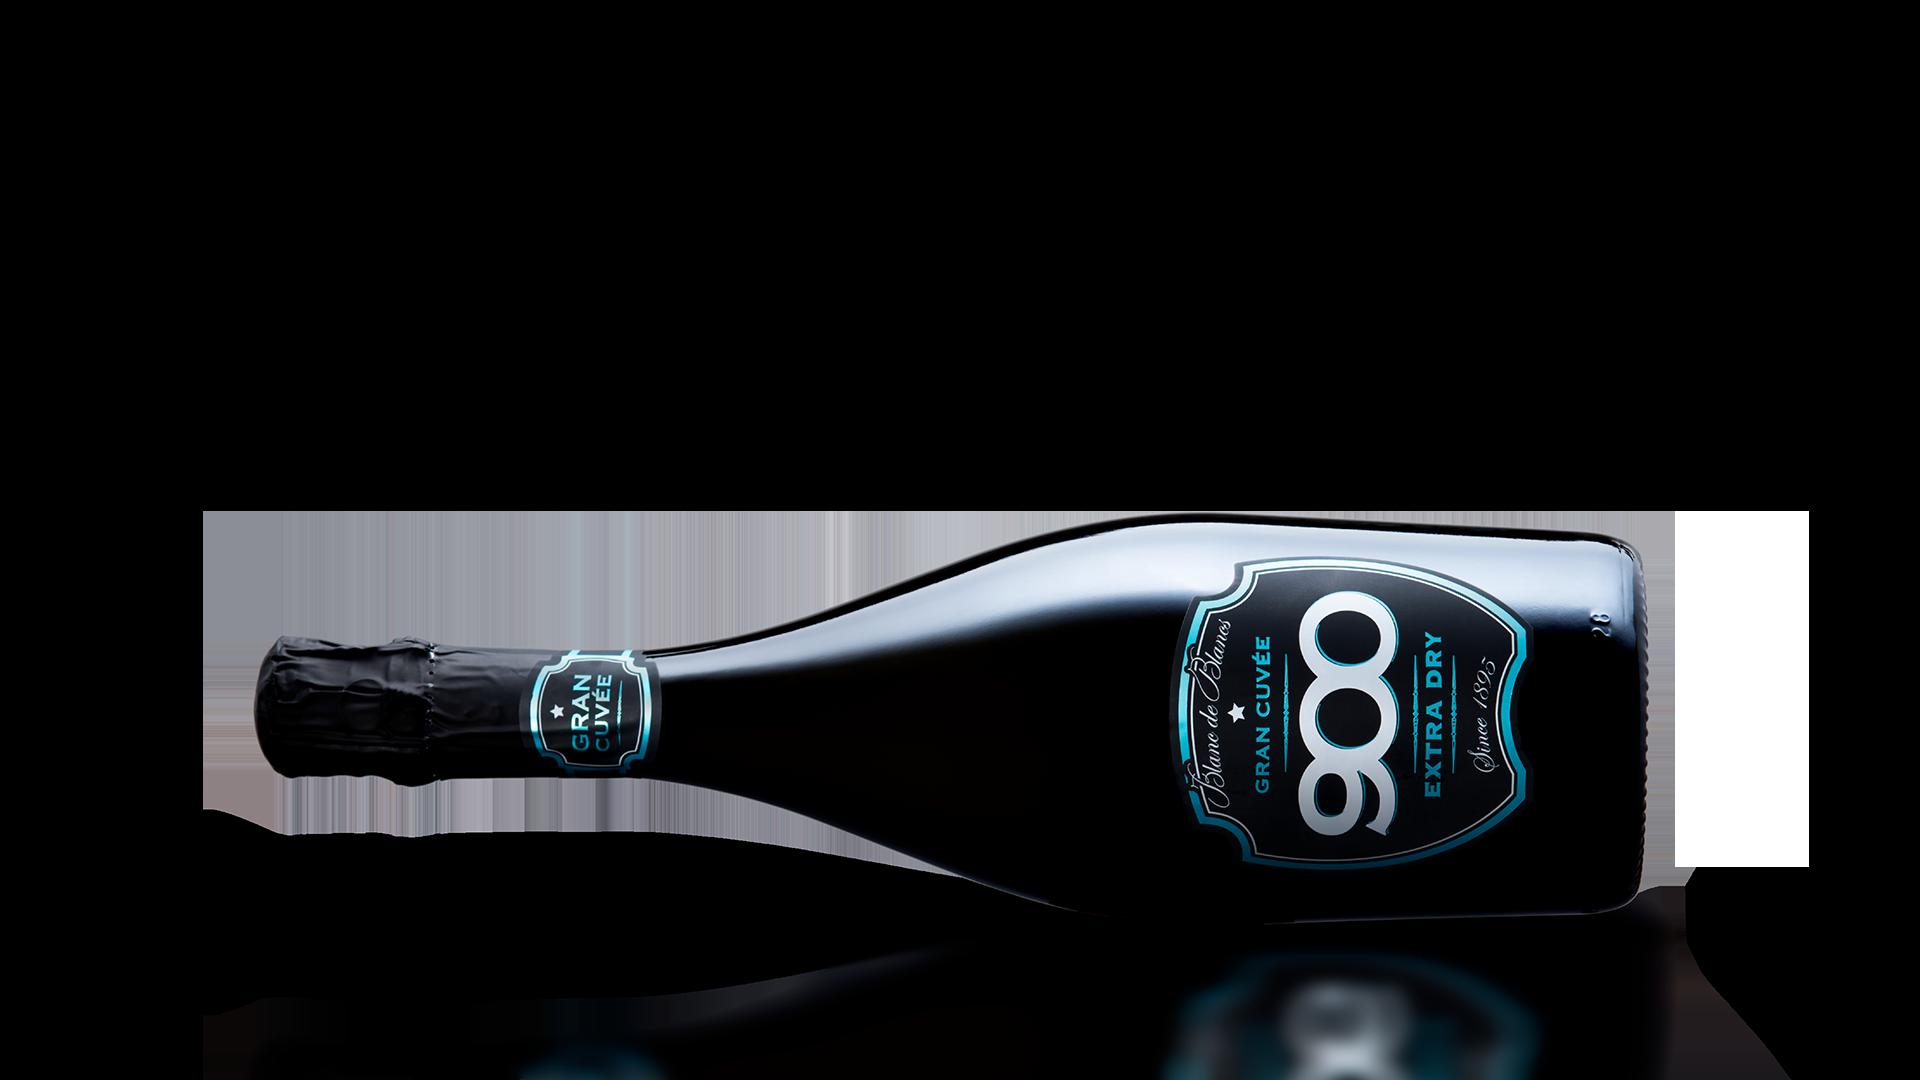 900 wine: bottiglia del spumante Gran Cuvée adagiata in posizione orizzontale